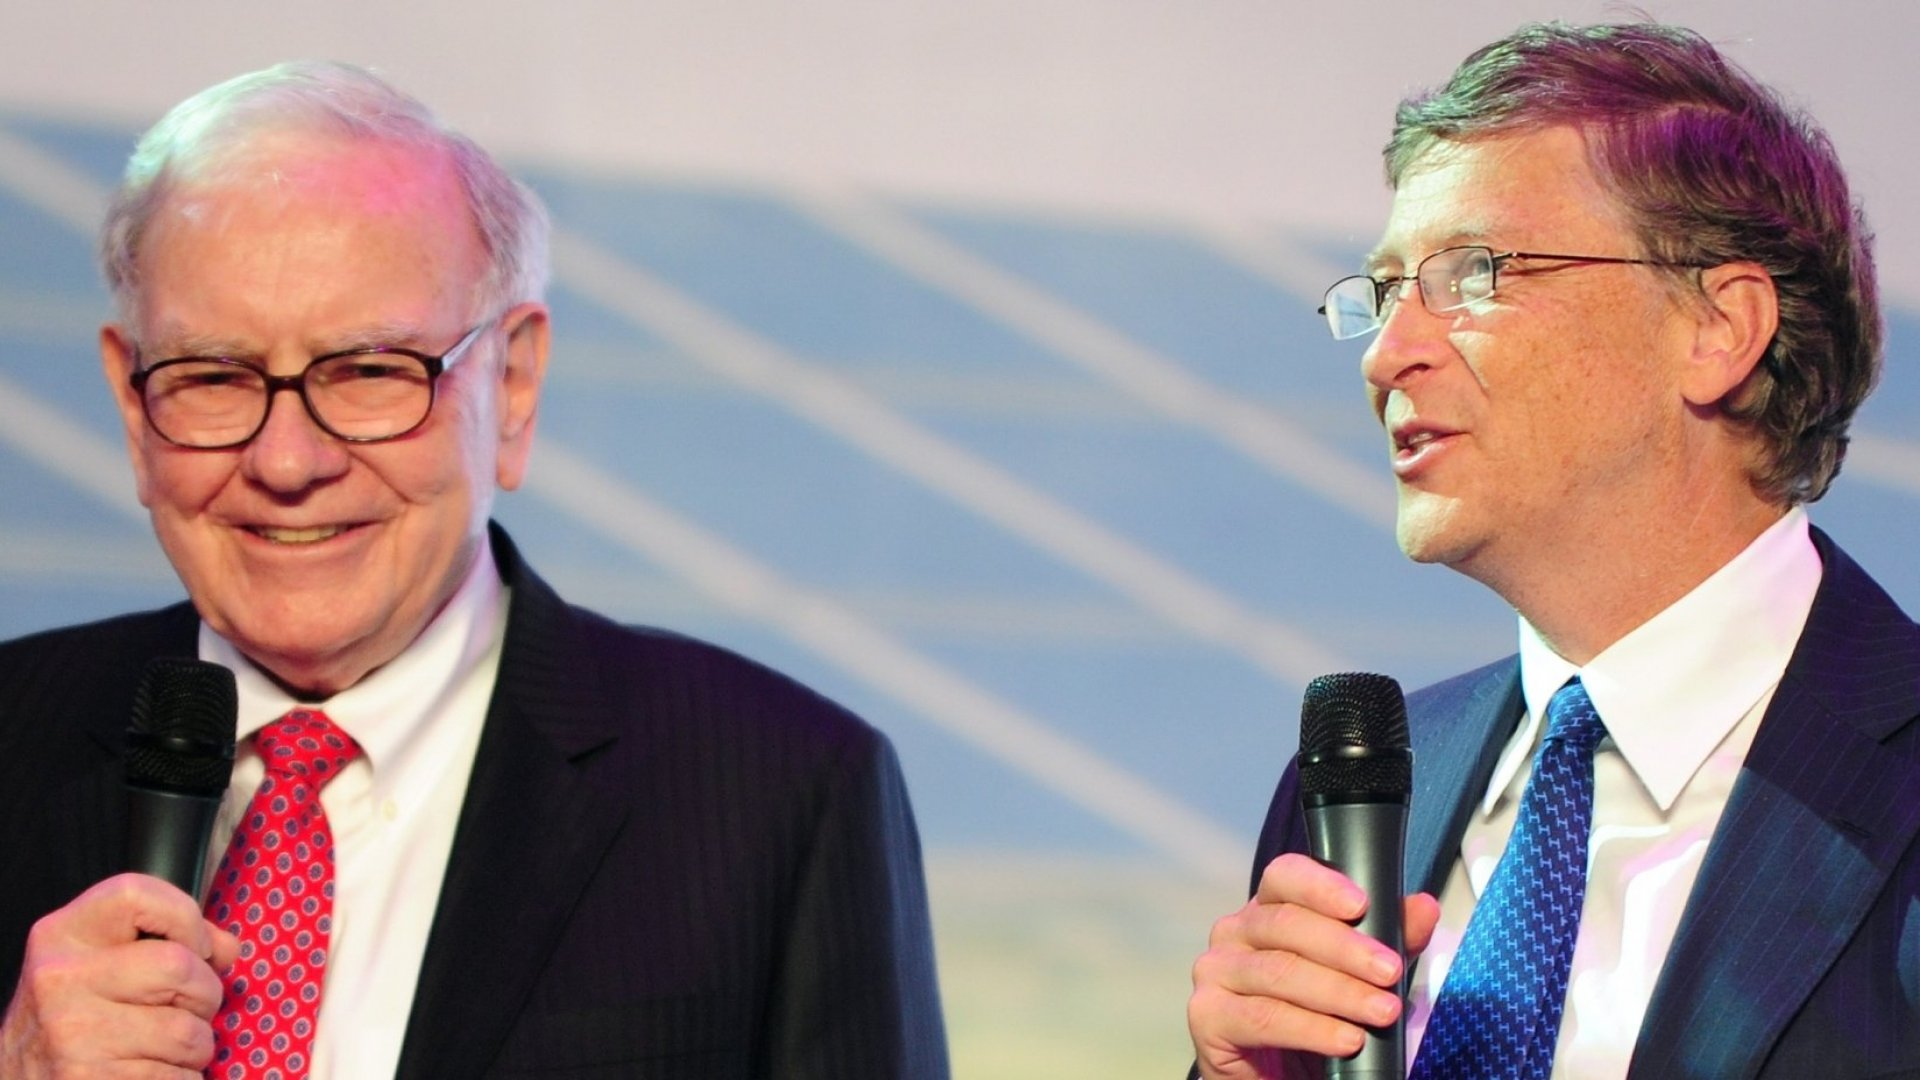 Warren Buffett (L) and Bill Gates (R)